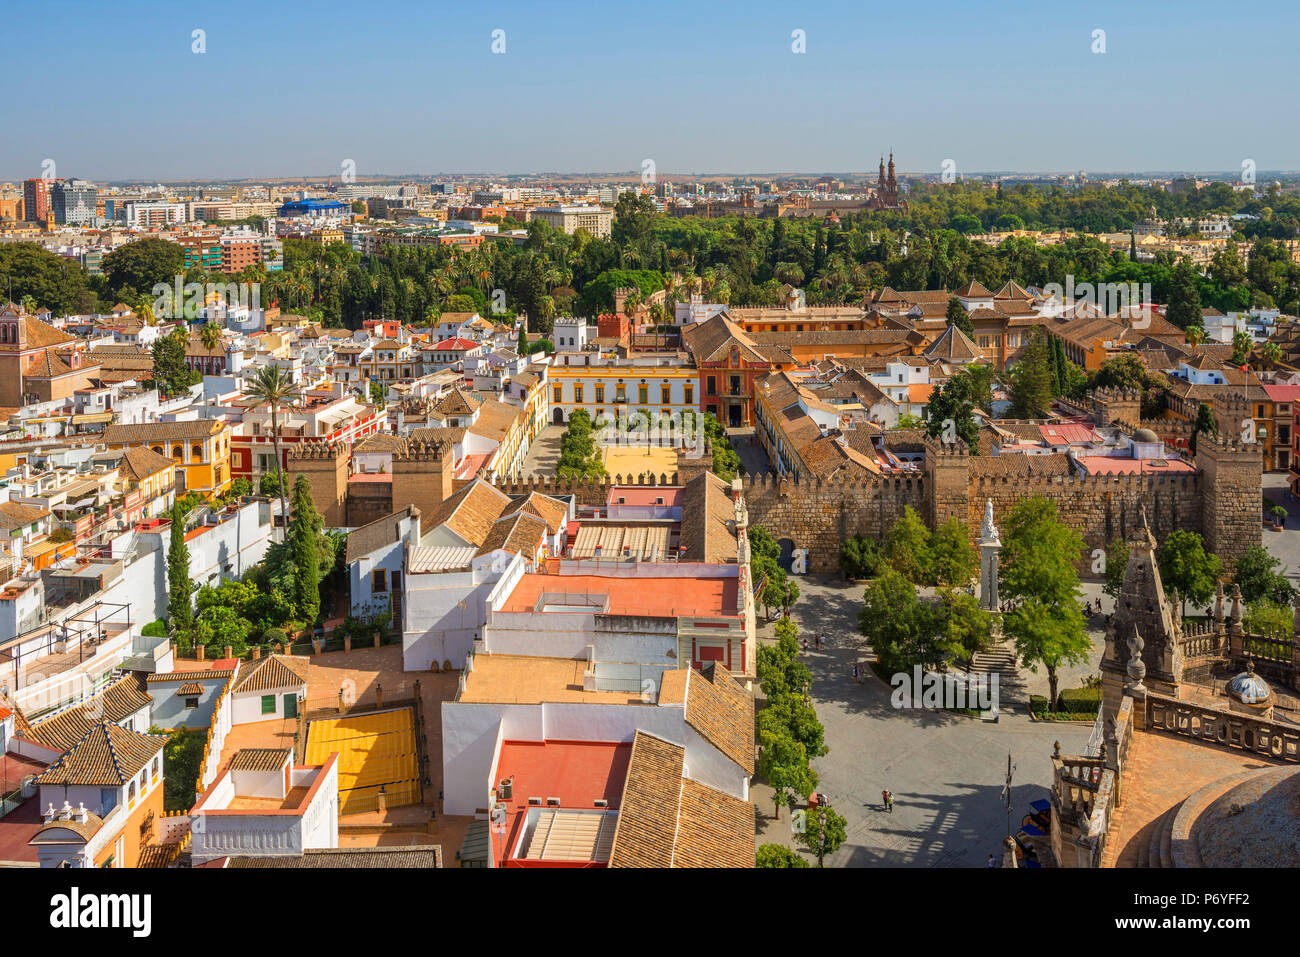 Vista desde la torre de la Giralda, de la catedral y los Reales Alcázares de Sevilla, Sitio del Patrimonio Mundial de la UNESCO, Andalucía, España Imagen De Stock